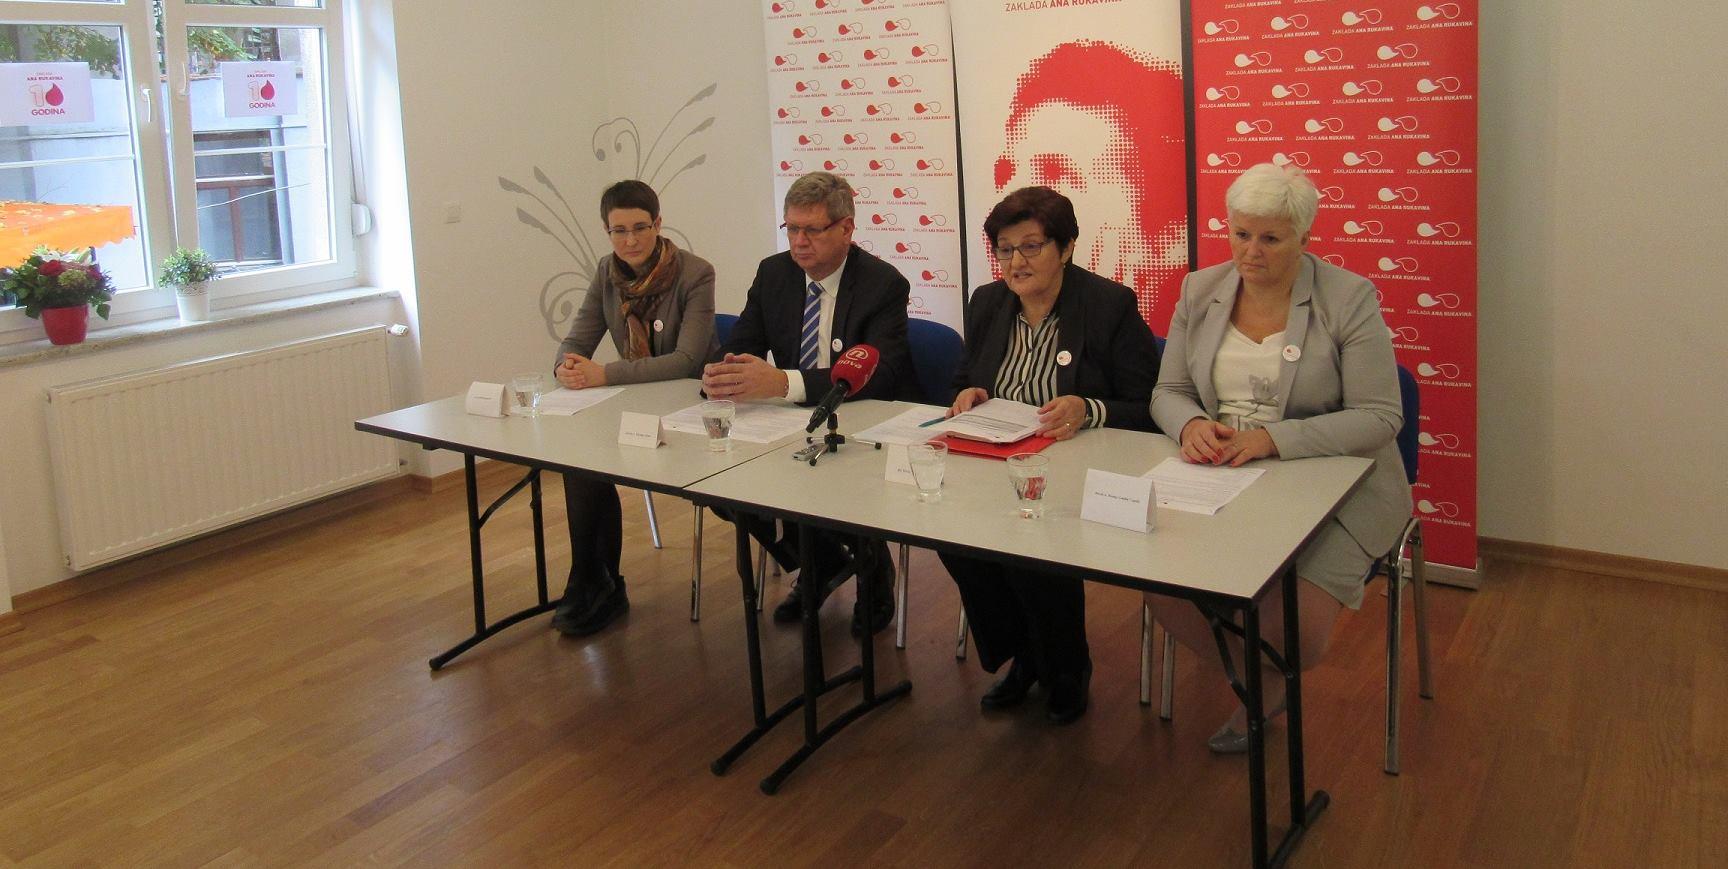 Zaklada Ana Rukavina odabrala liječnicu za stručno usavršavanje i donirala vrijedan uređaj KBC-u Zagreb